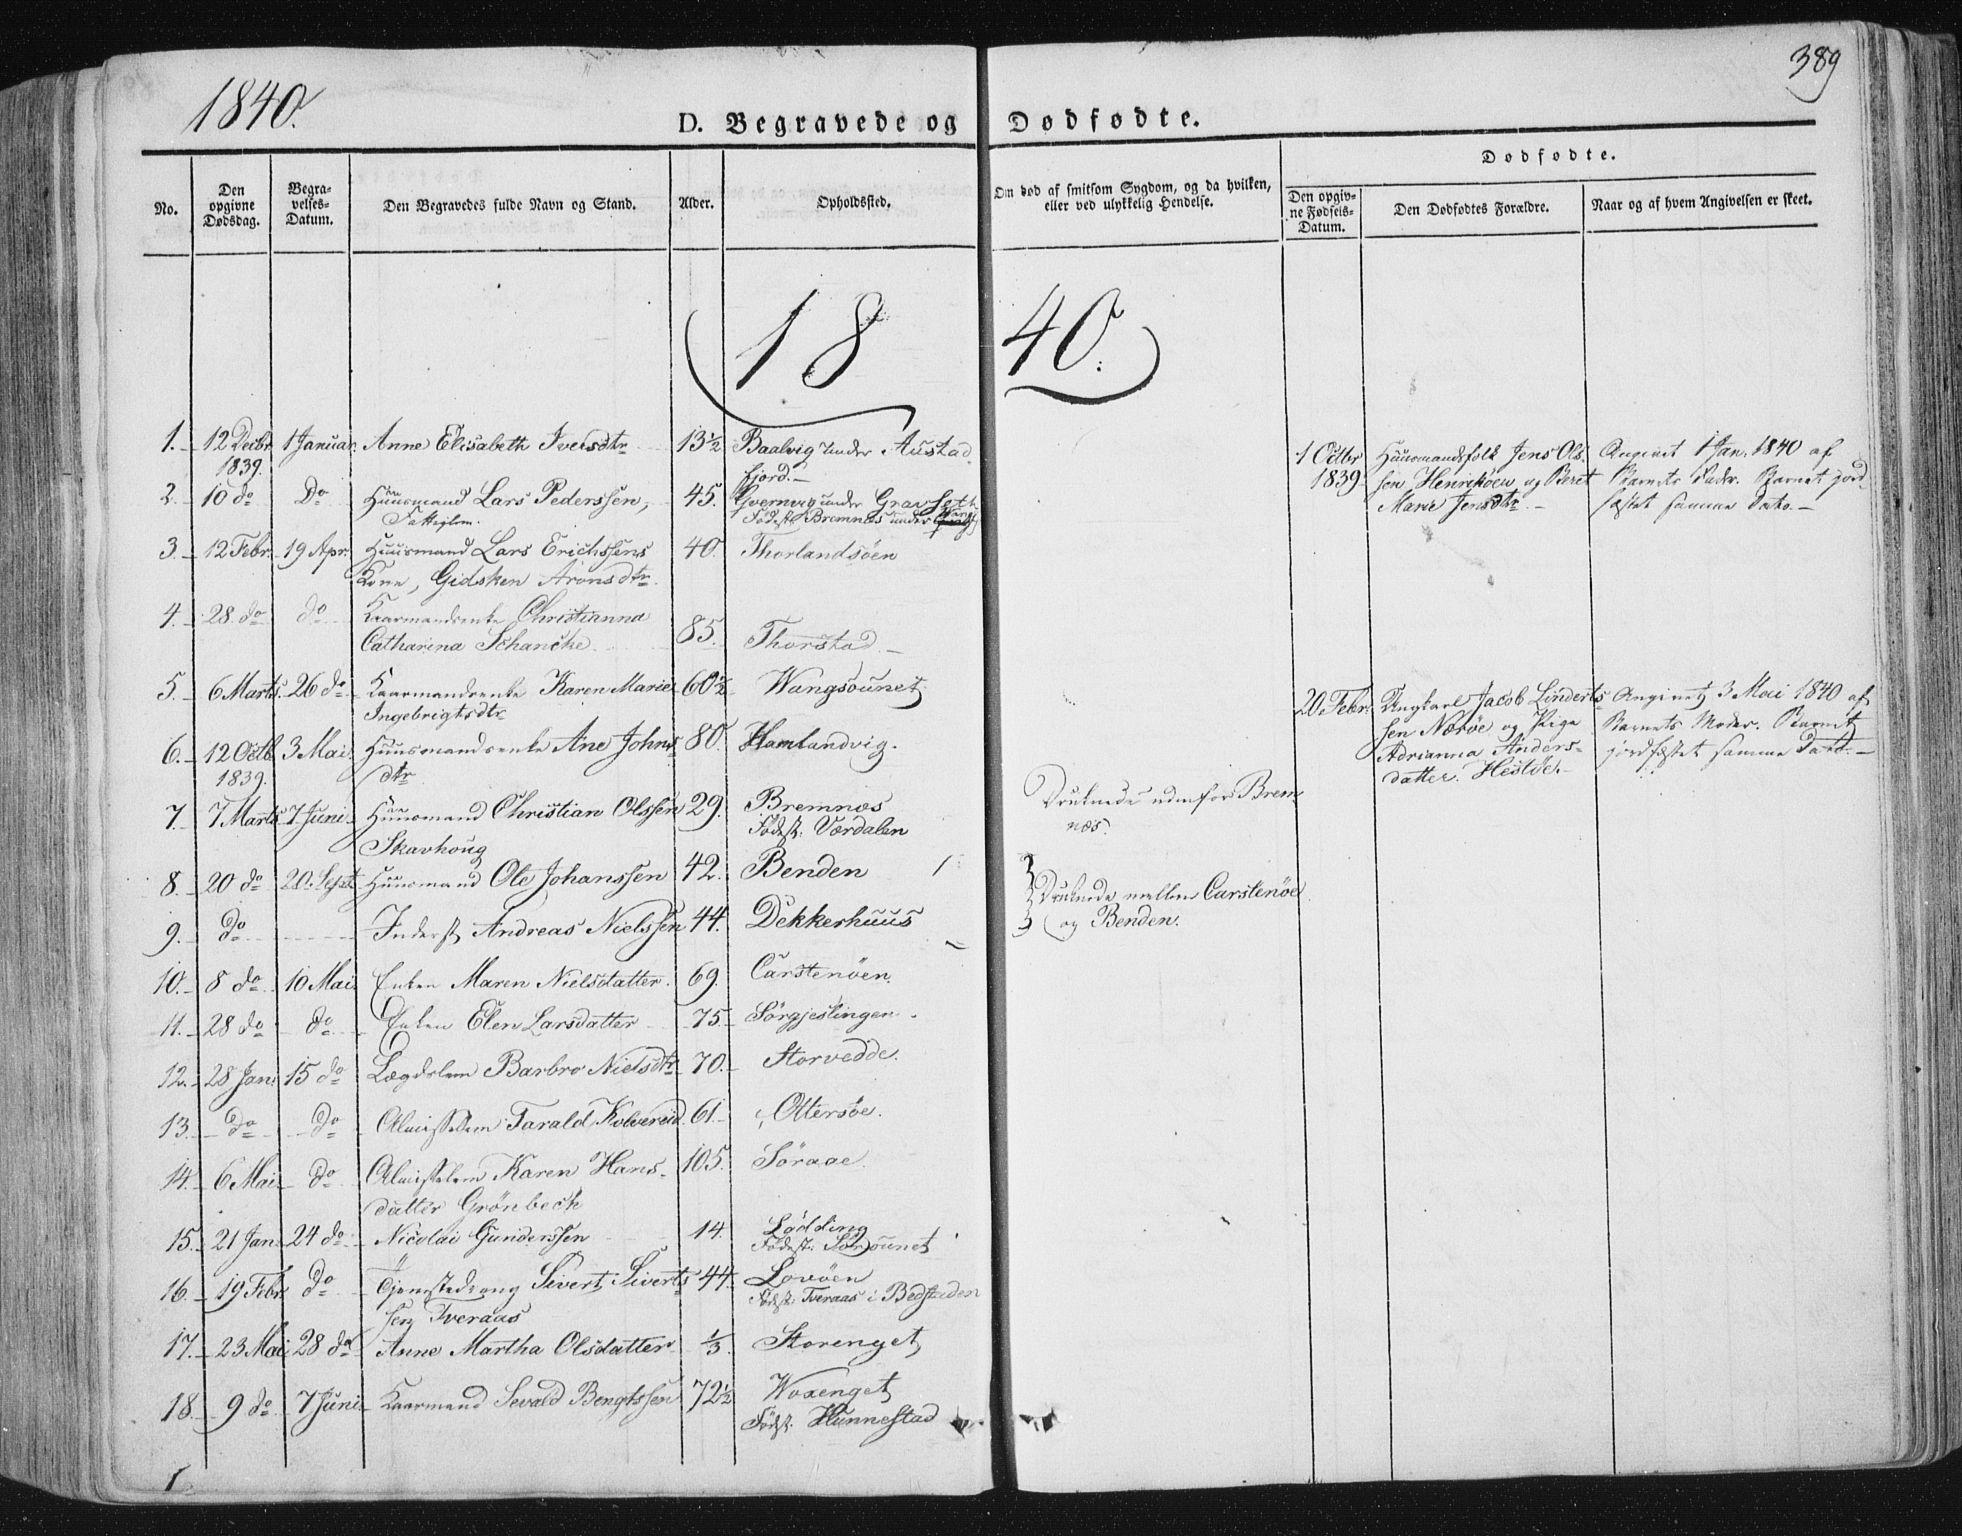 SAT, Ministerialprotokoller, klokkerbøker og fødselsregistre - Nord-Trøndelag, 784/L0669: Ministerialbok nr. 784A04, 1829-1859, s. 389